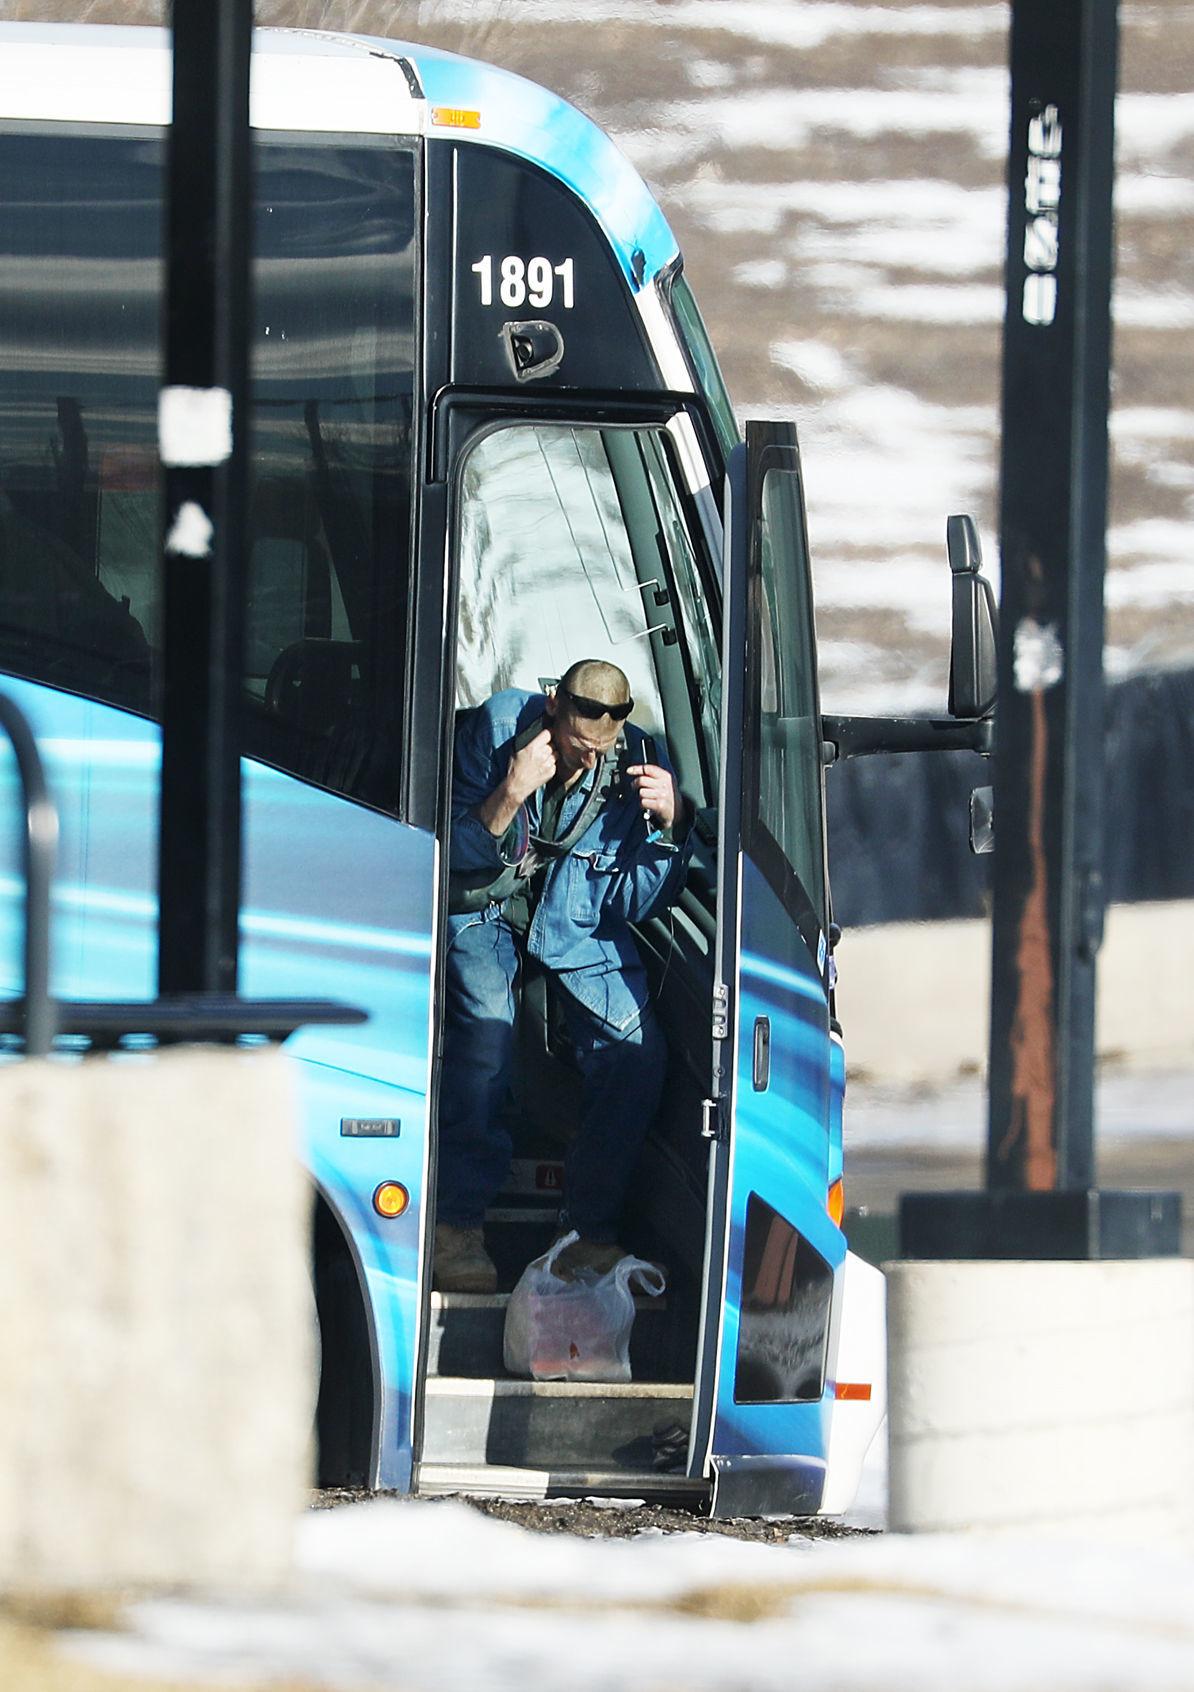 Bus hijacker